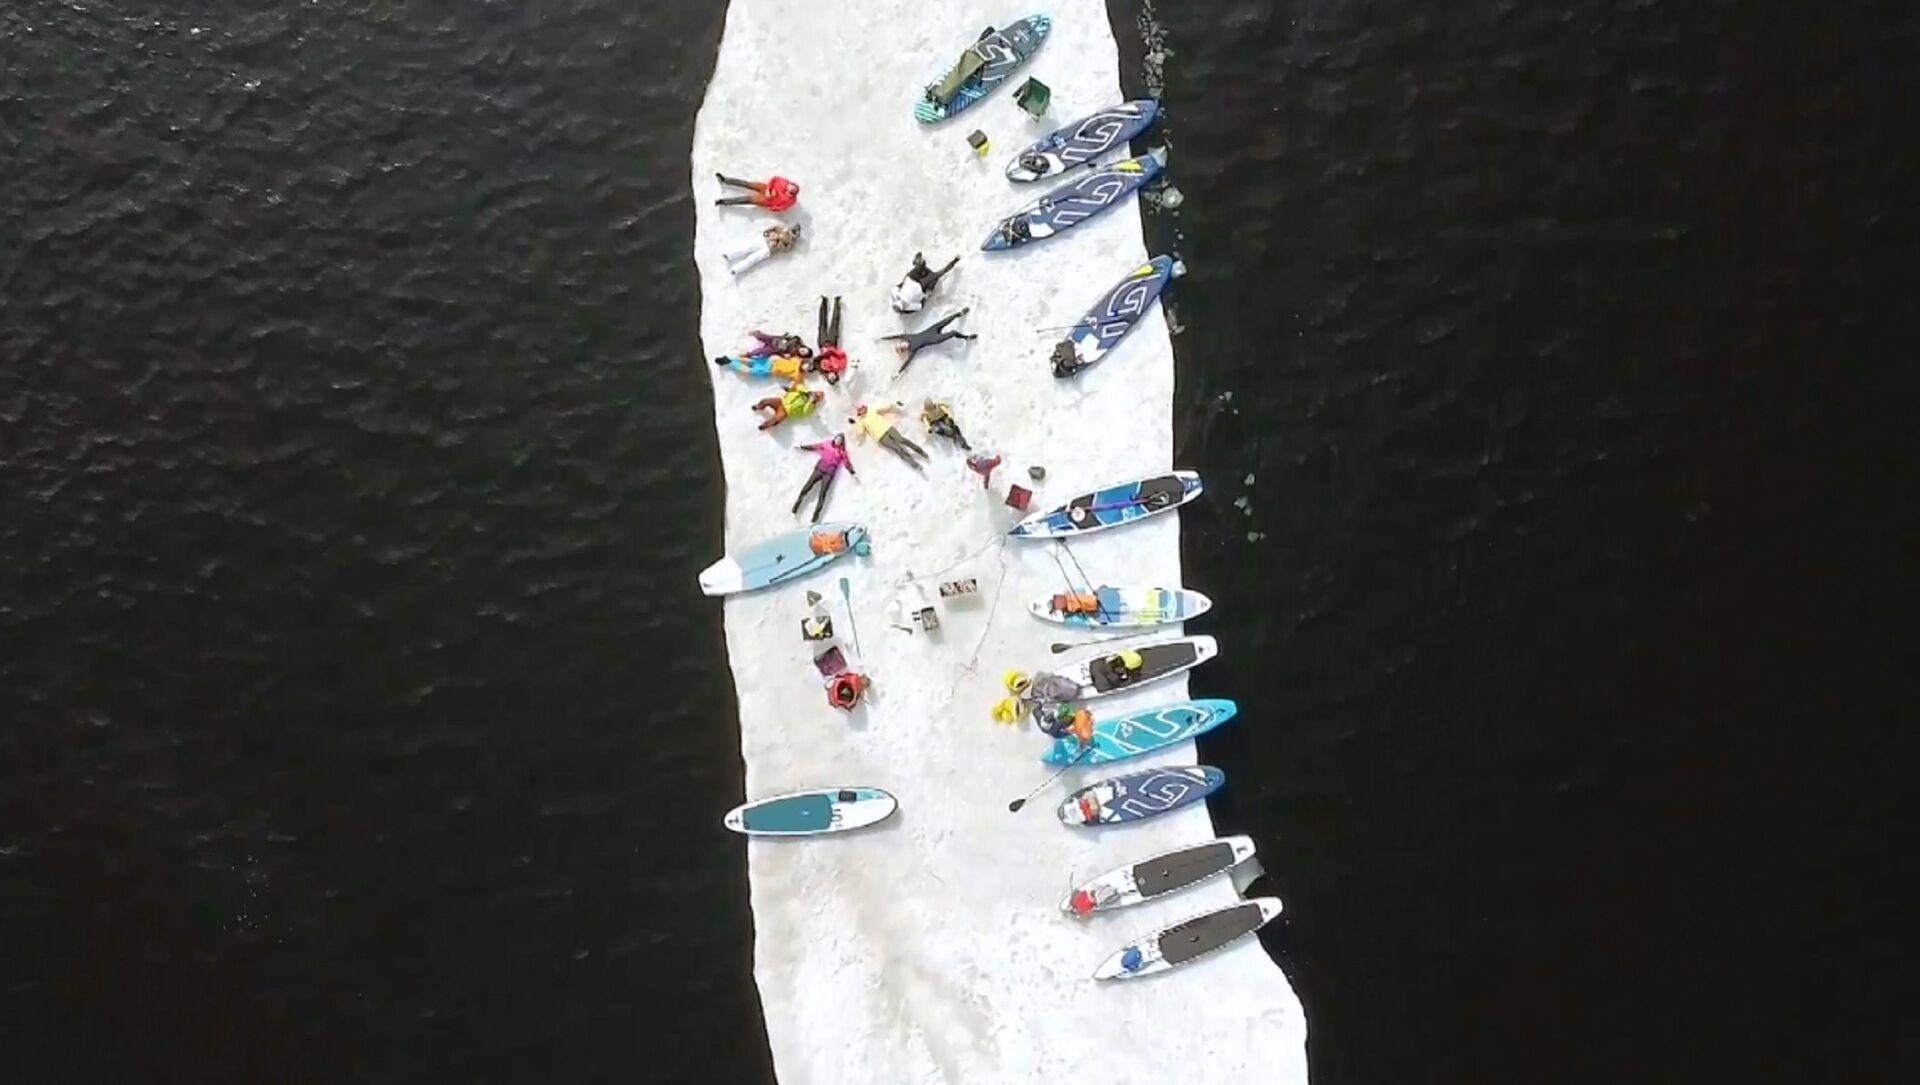 In Russia appassionati di sup surf fanno un giro su...una lastra di ghiaccio - Sputnik Italia, 1920, 07.04.2021